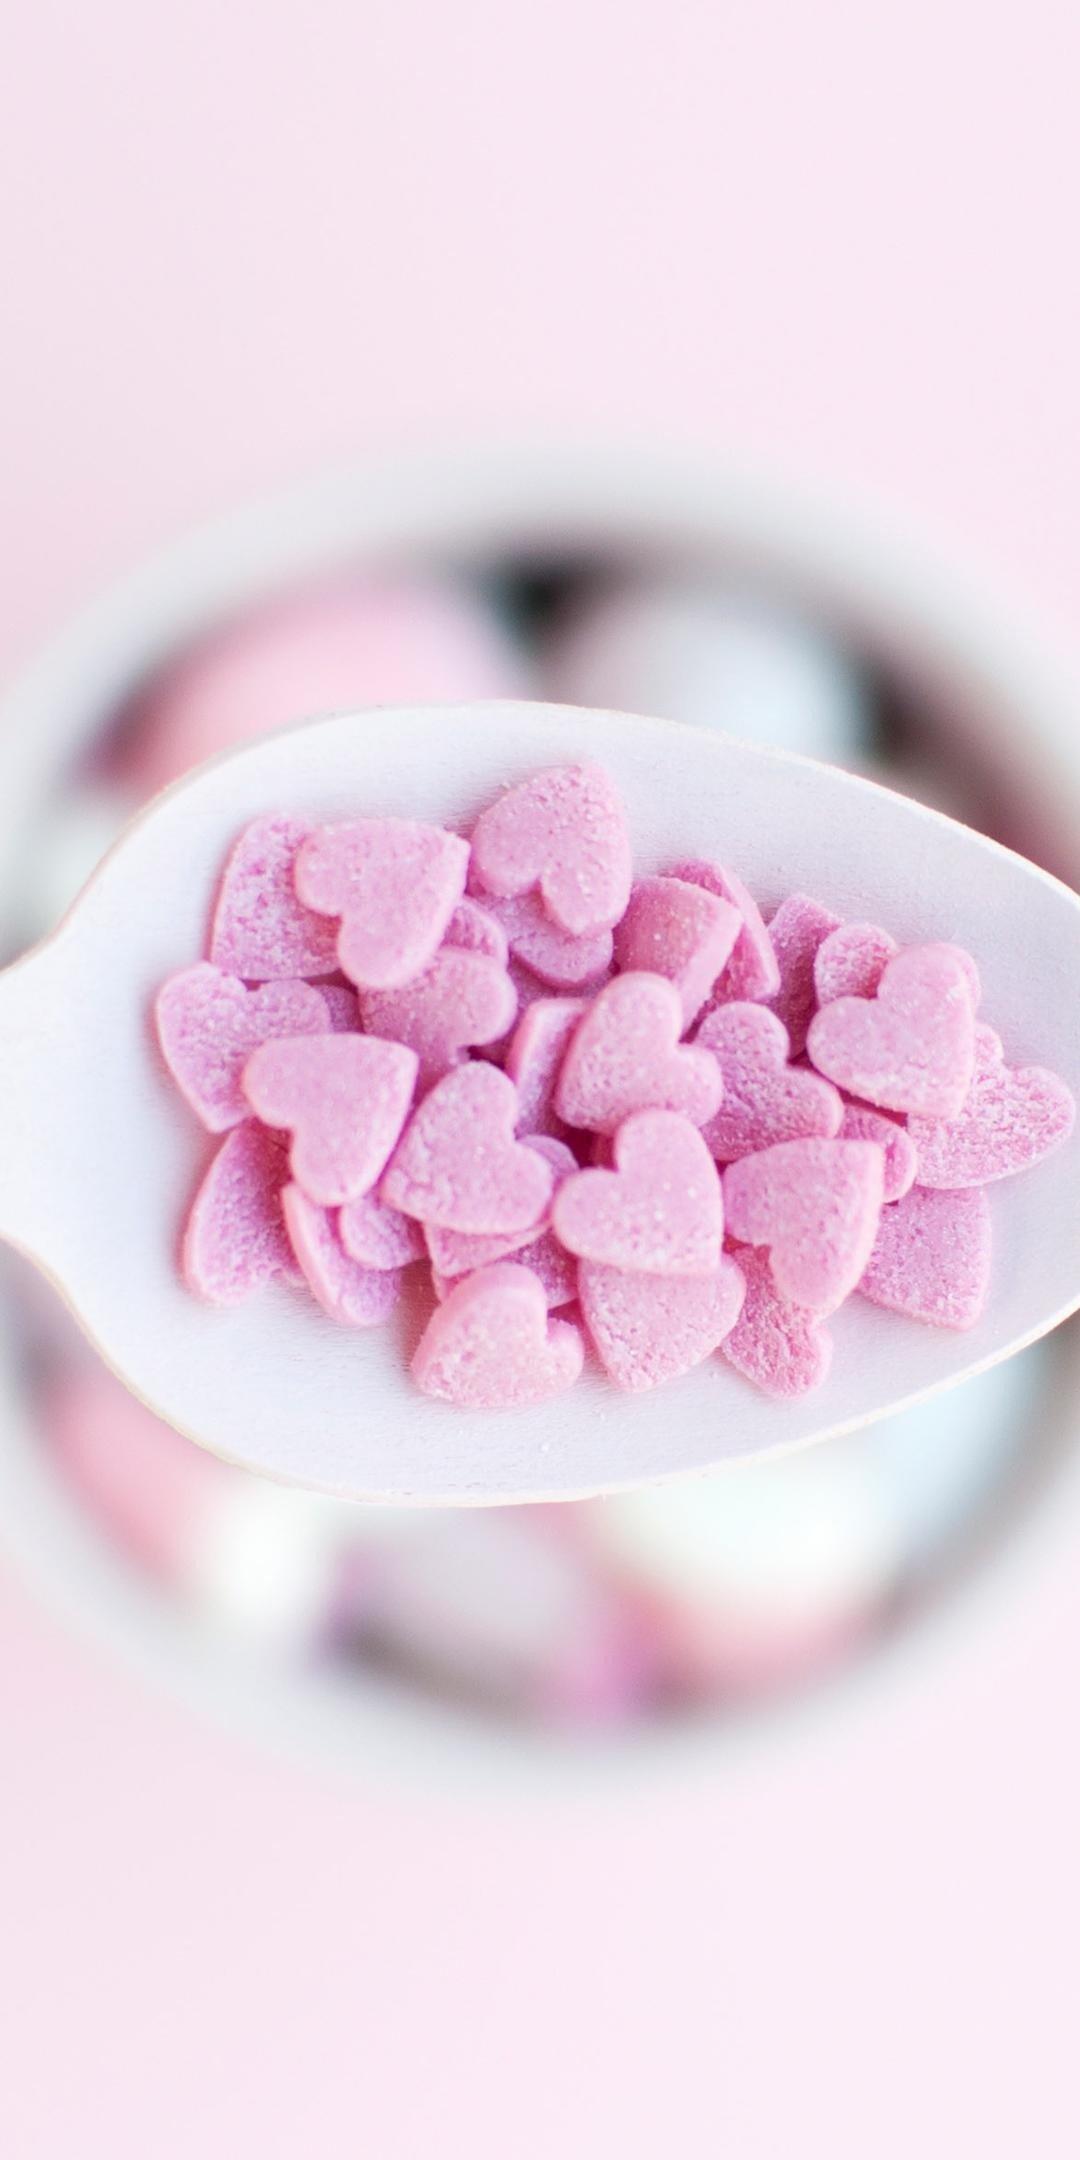 粉色系少女心手机壁纸插图19